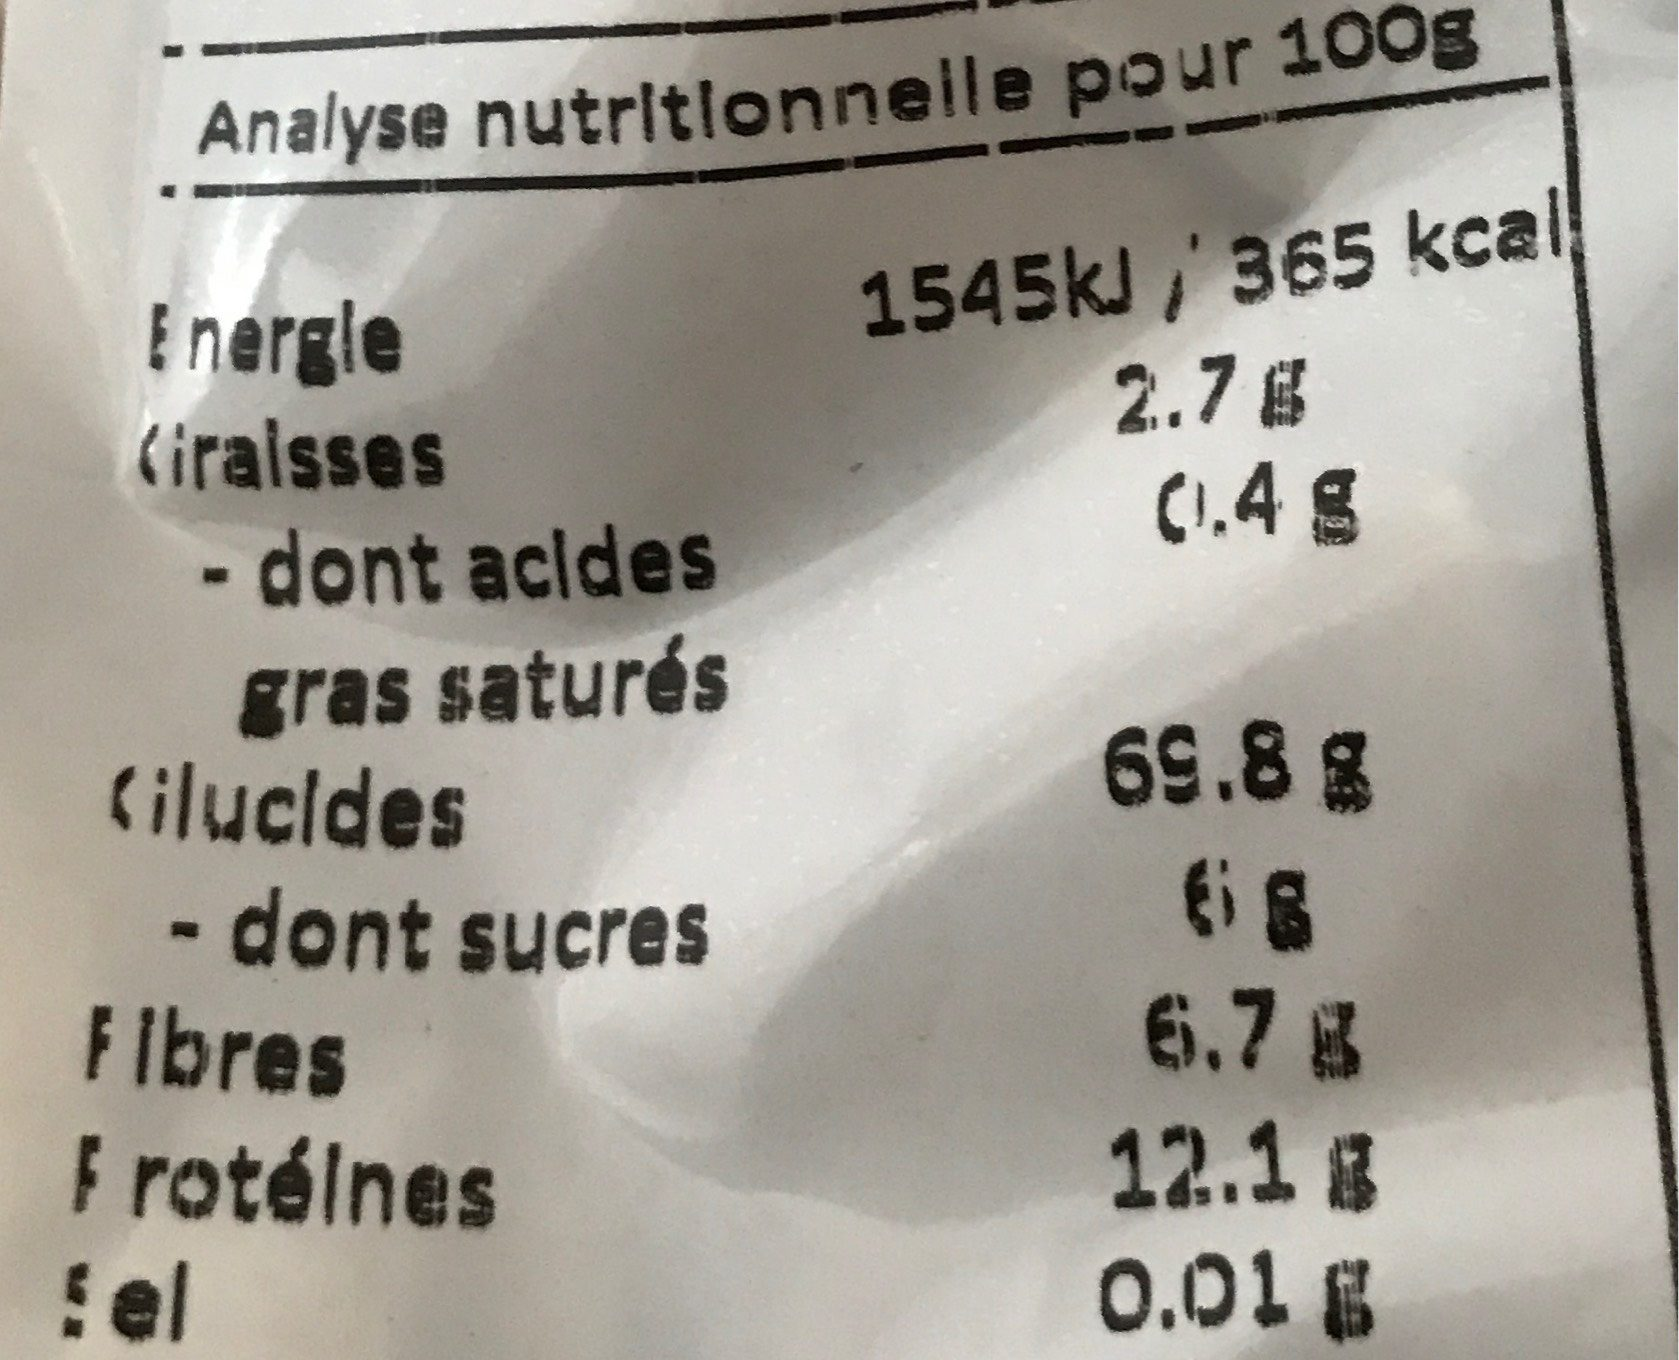 Tagliatelles de petit epeautre aux oeufs - Nutrition facts